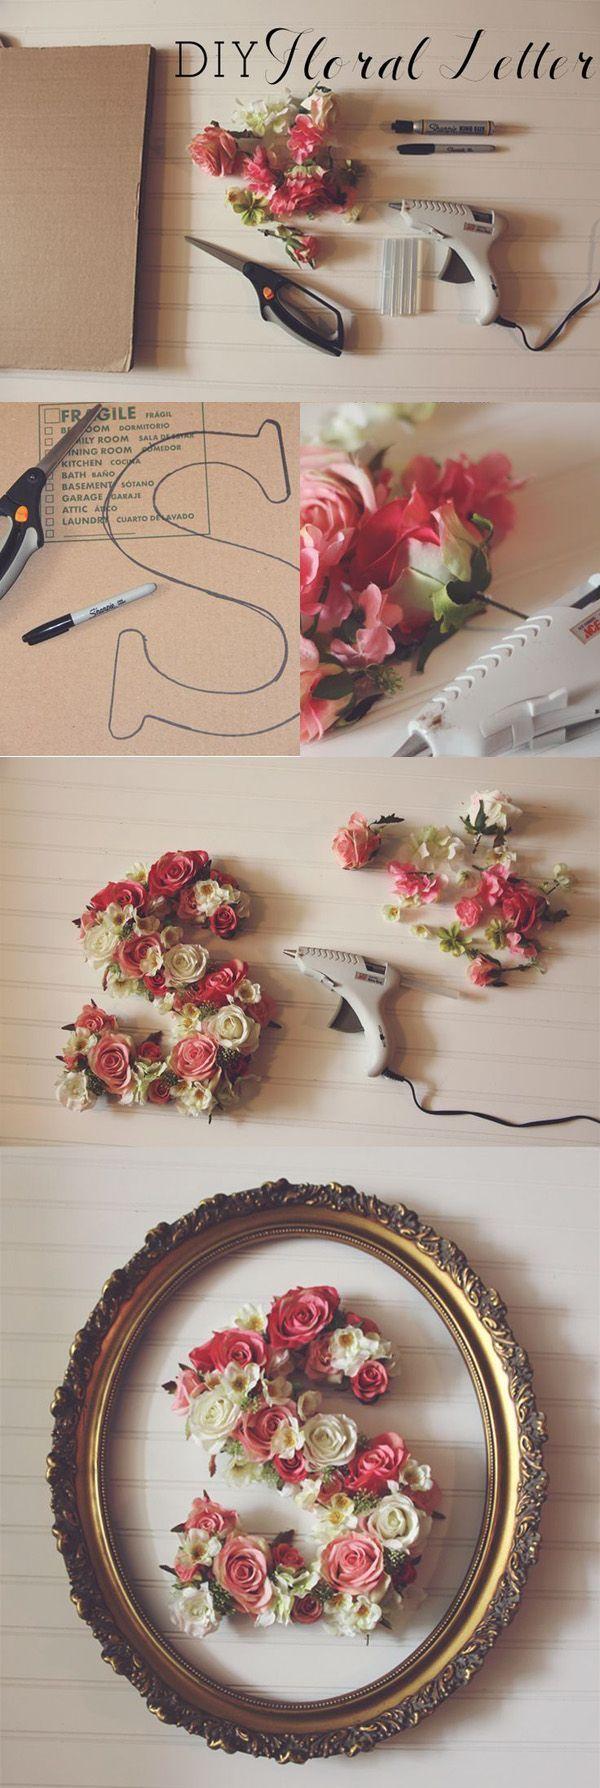 DIY Floral Letter – 35 Creative DIY Letters in Life ♥ ♥ # letter #fl